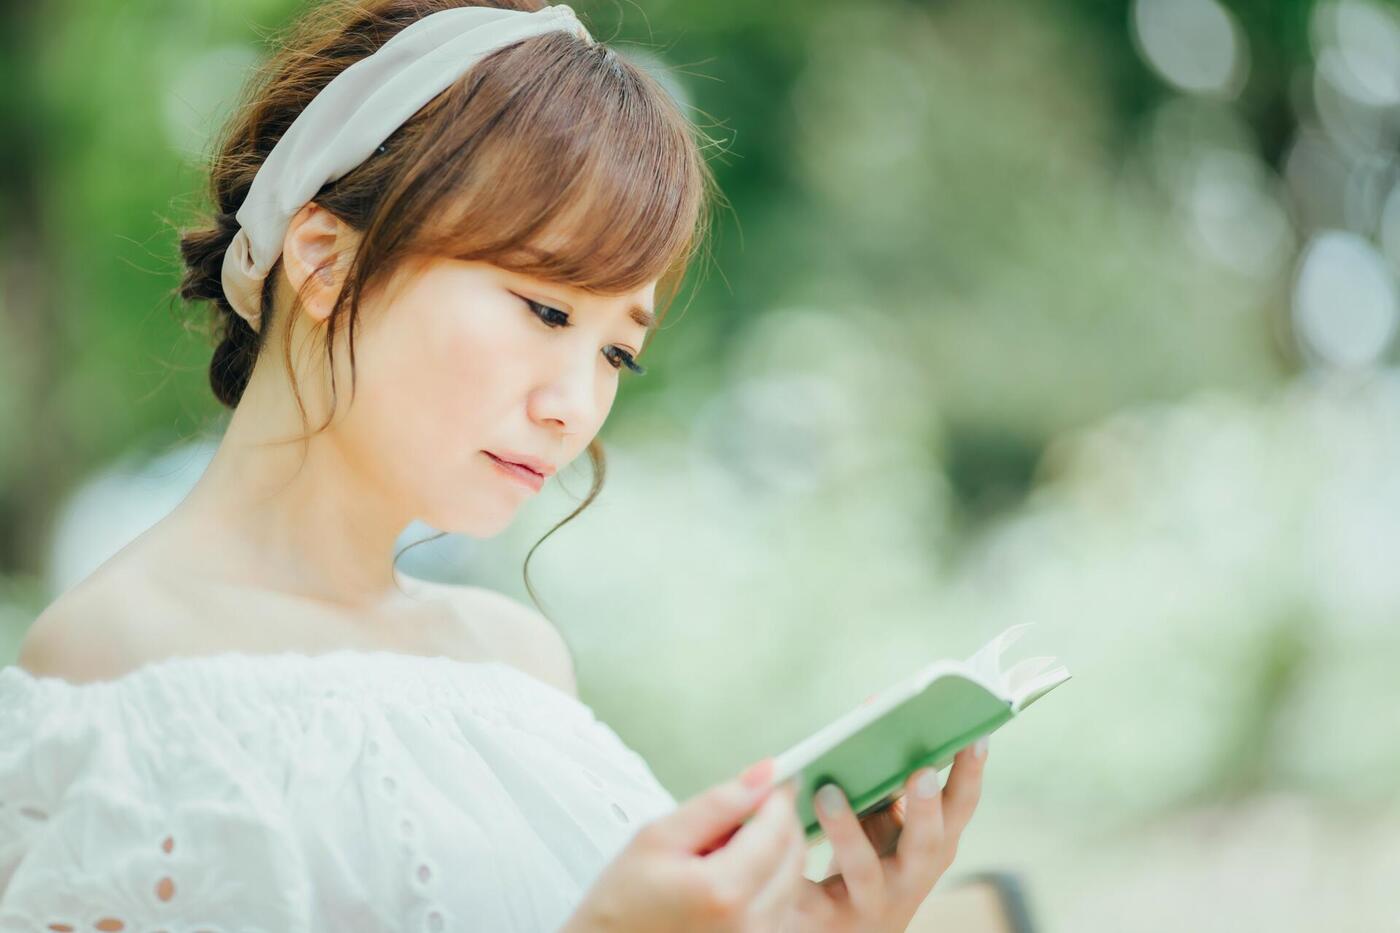 漢字の常識|「只管」とはどういう意味?読み方から使い方までチェック!